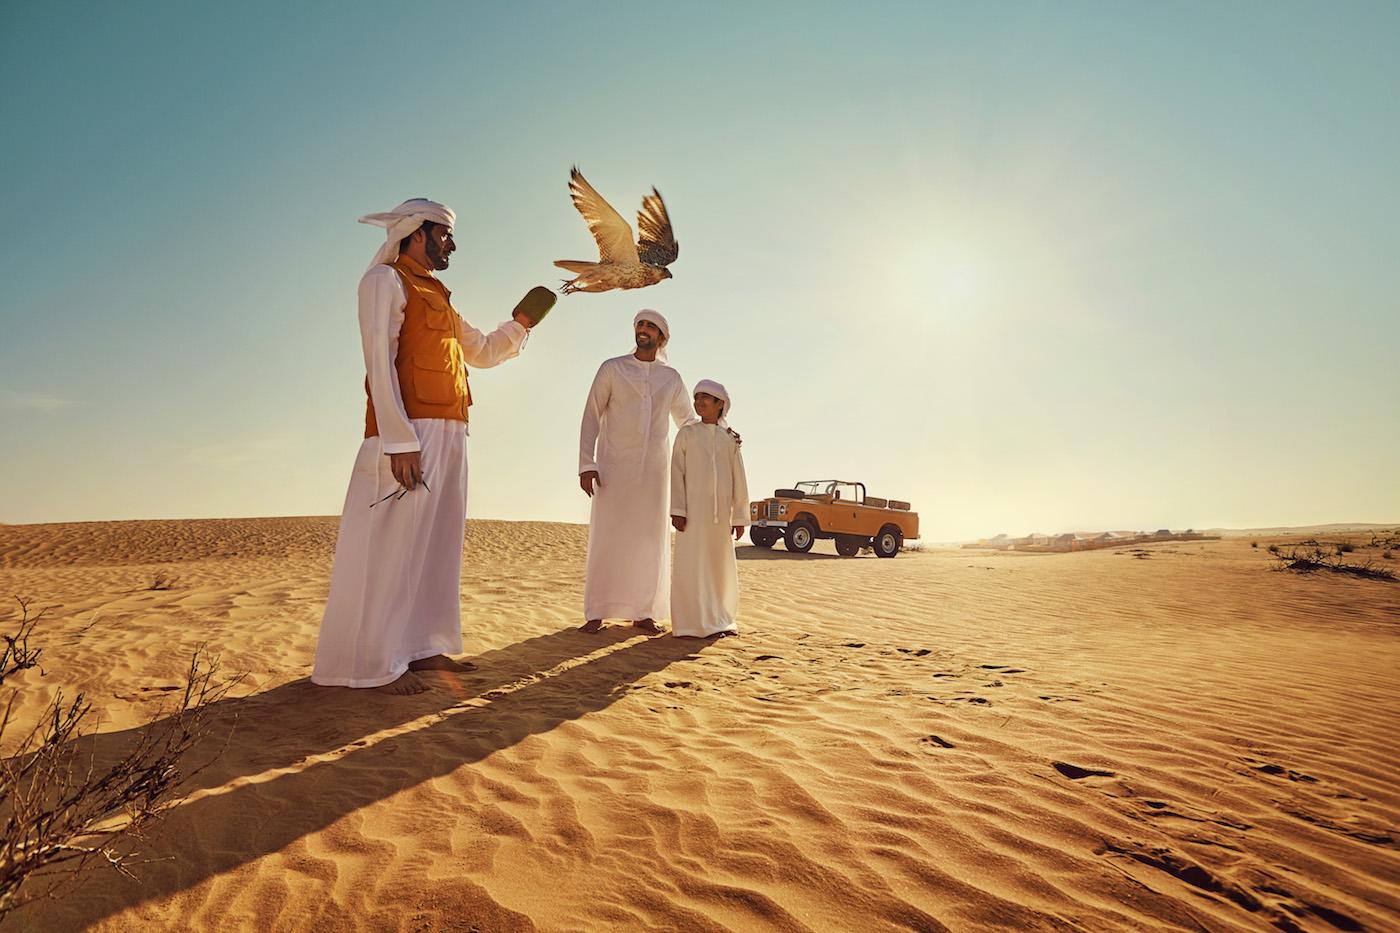 Der FalconLens Award in Abu Dhabi: Aufregender kann die Adventszeit nicht sein 1